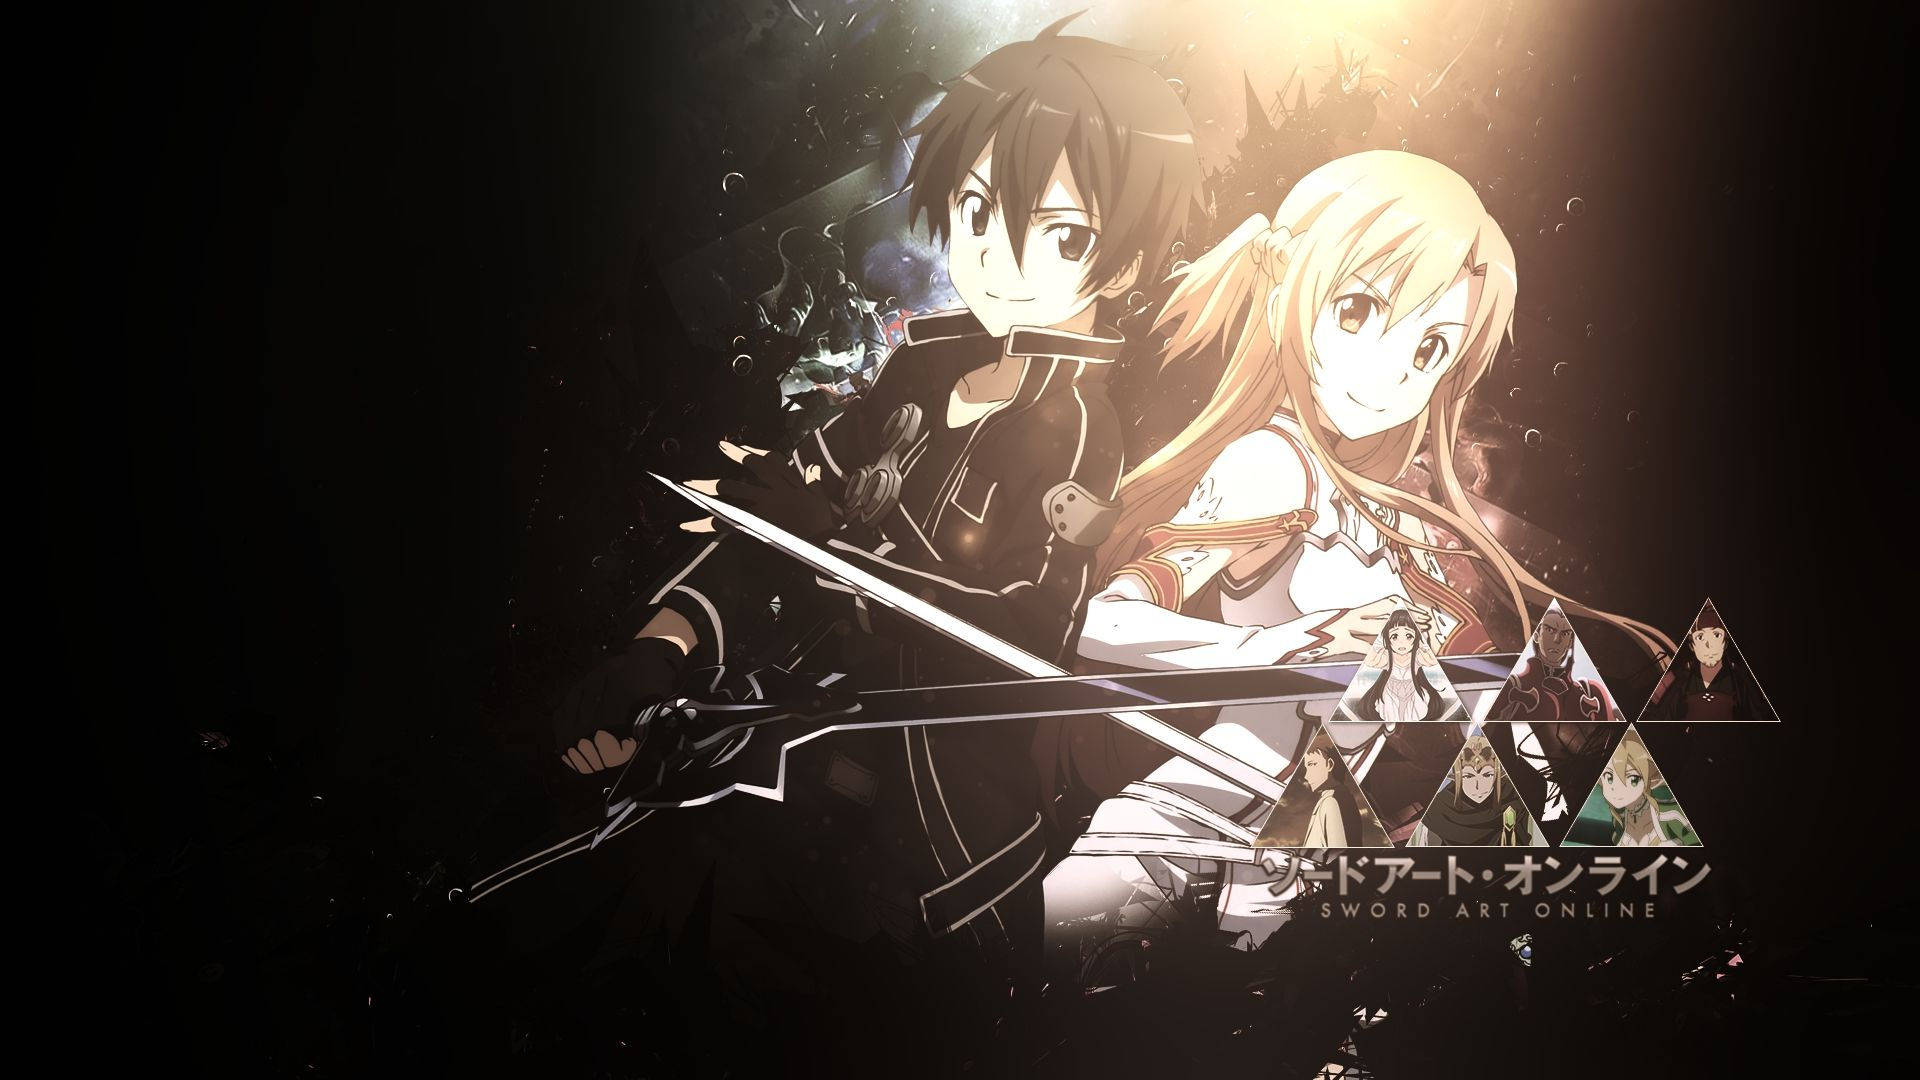 Kirito Asuna Sword Art Online Sword Art Online Wallpaper Sword Art Online Asuna Sword Art Online